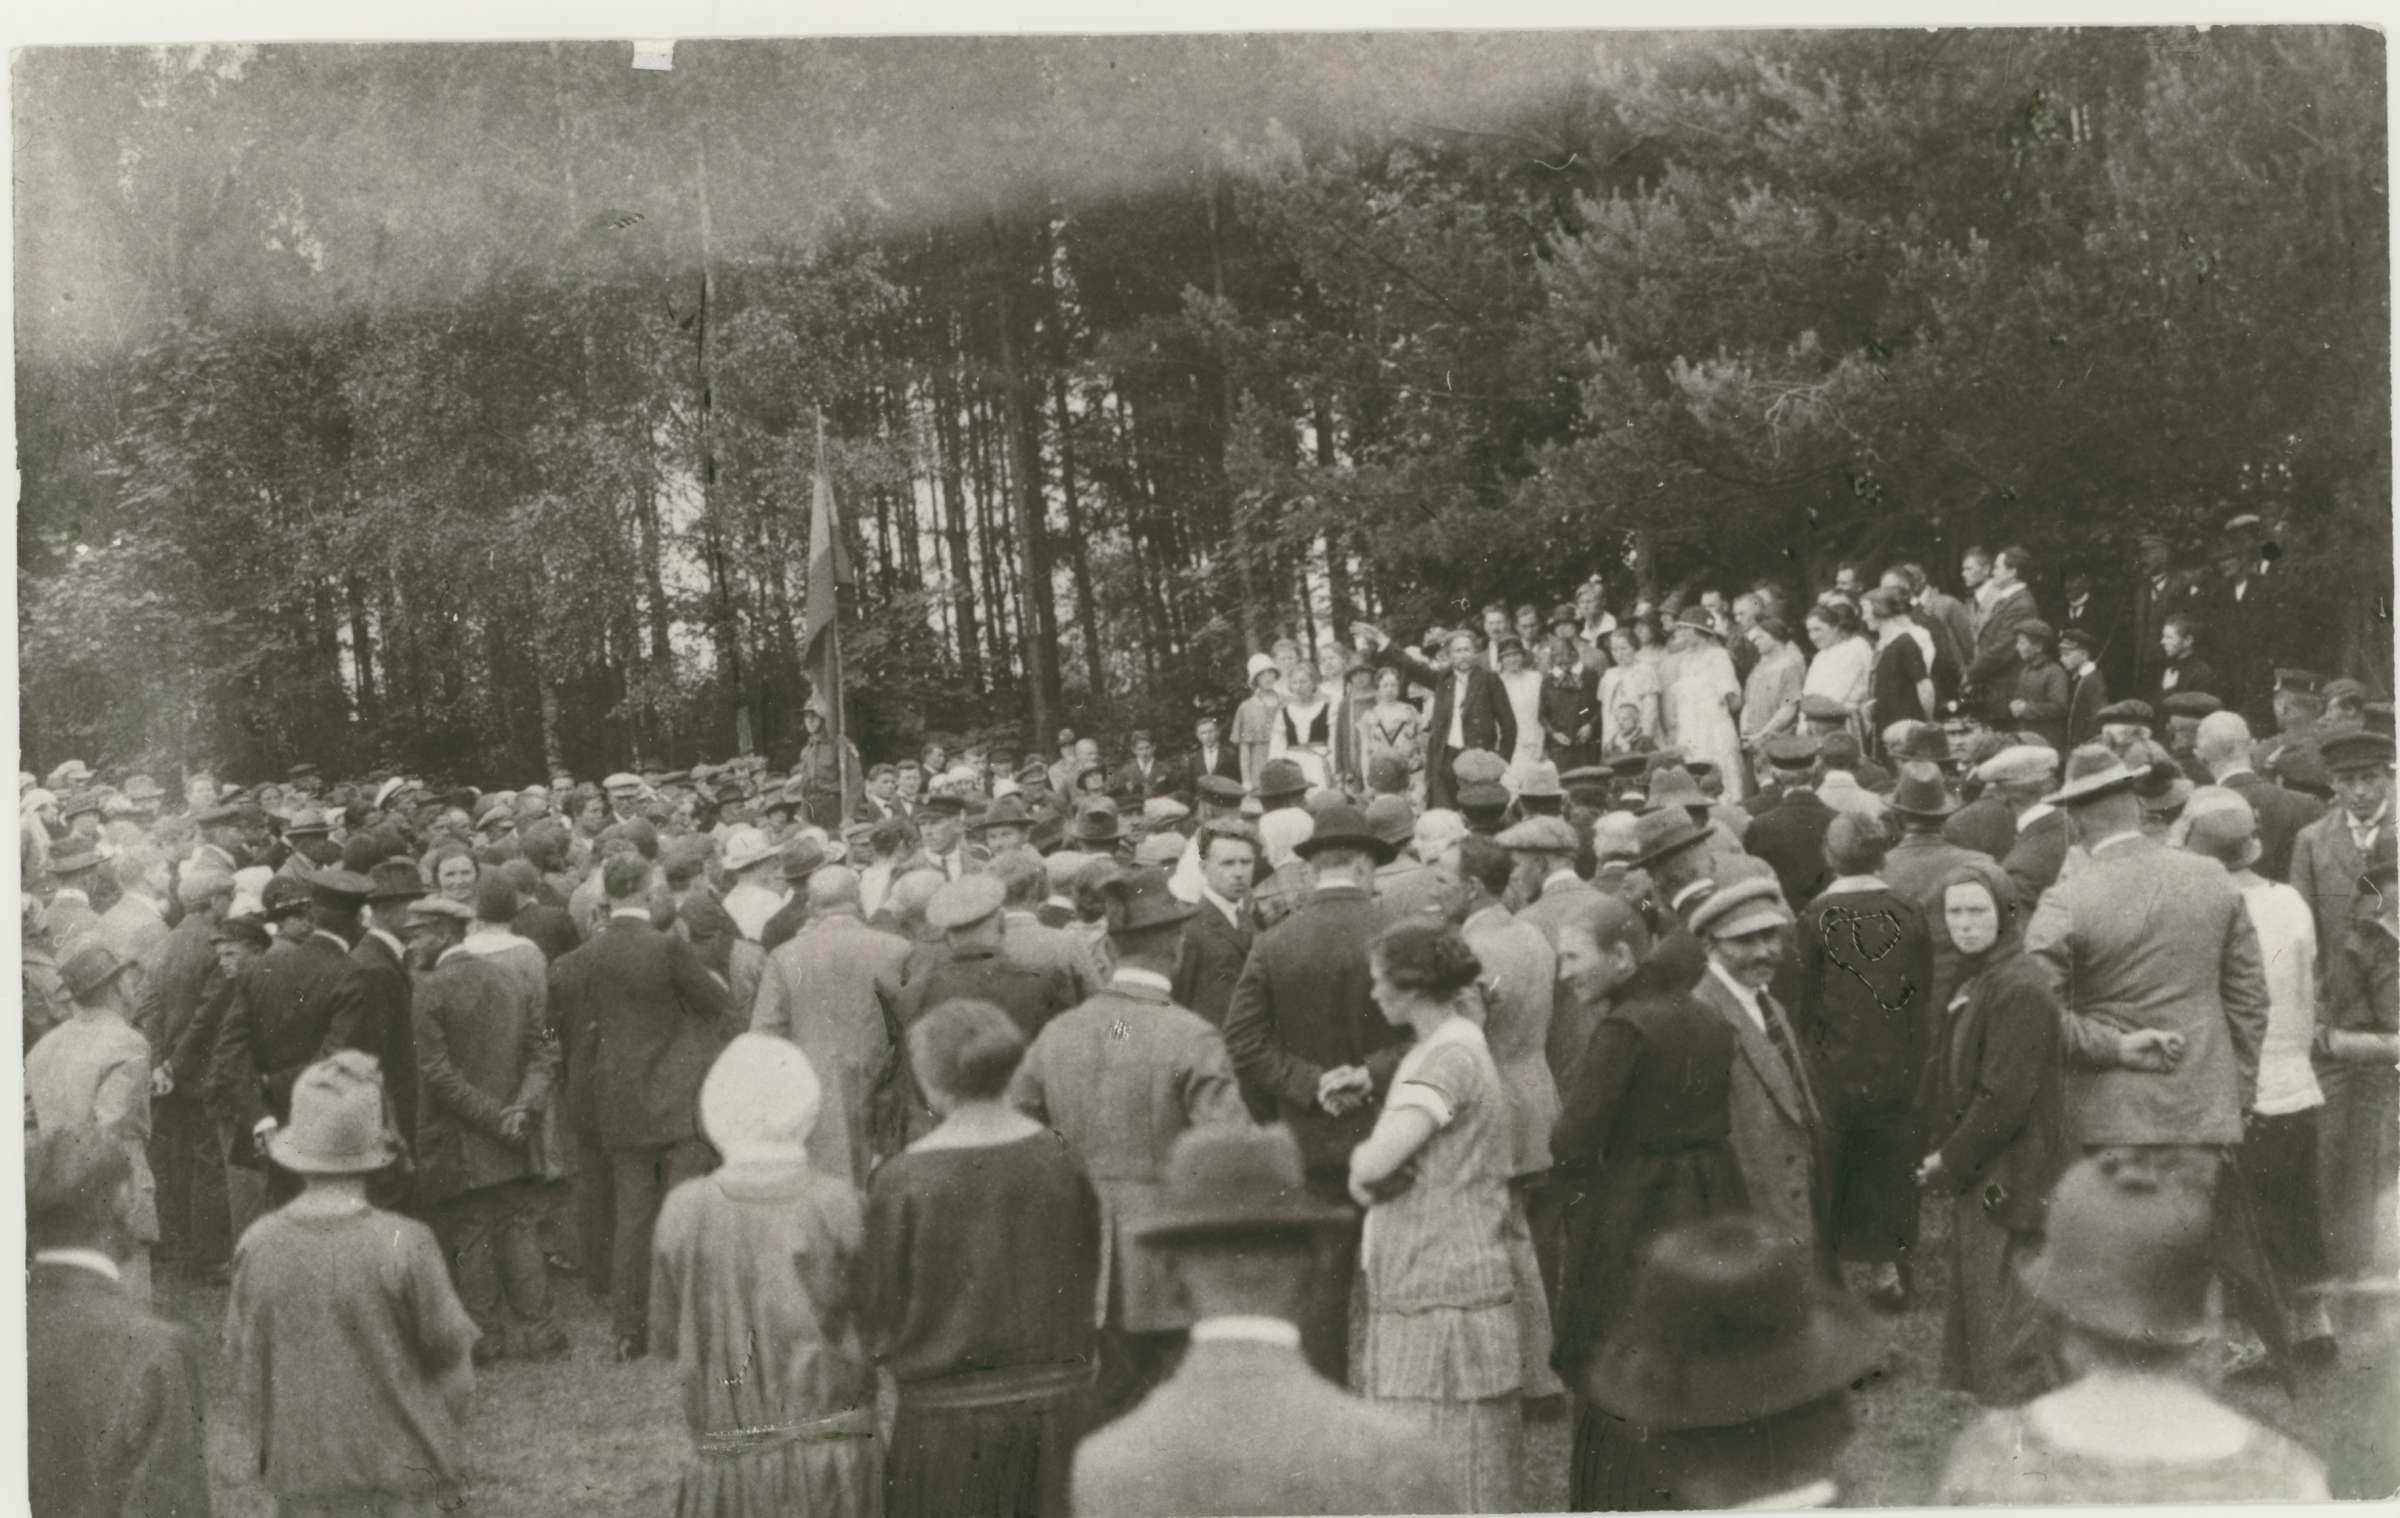 Vydūnas kalba Joninių šventėje ant Rambyno kalno. Apie 1930 m. | archyvinė nuotr.